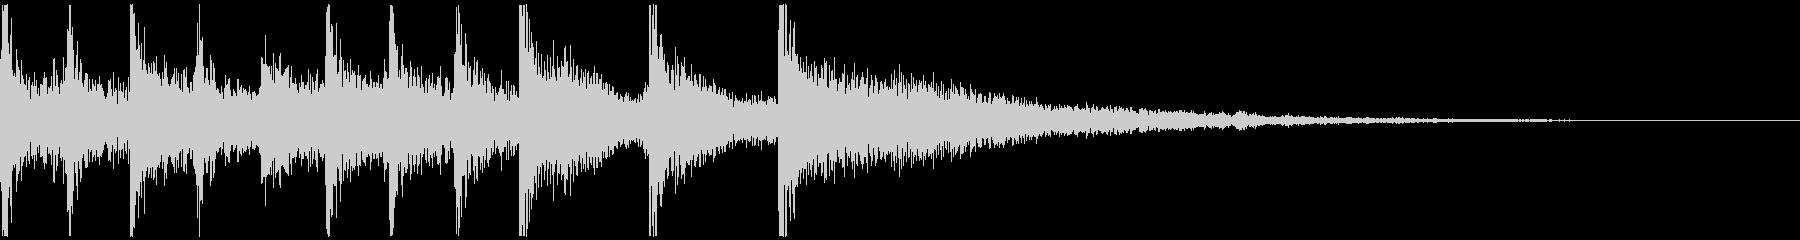 親しみやすいメロディのジングルの未再生の波形